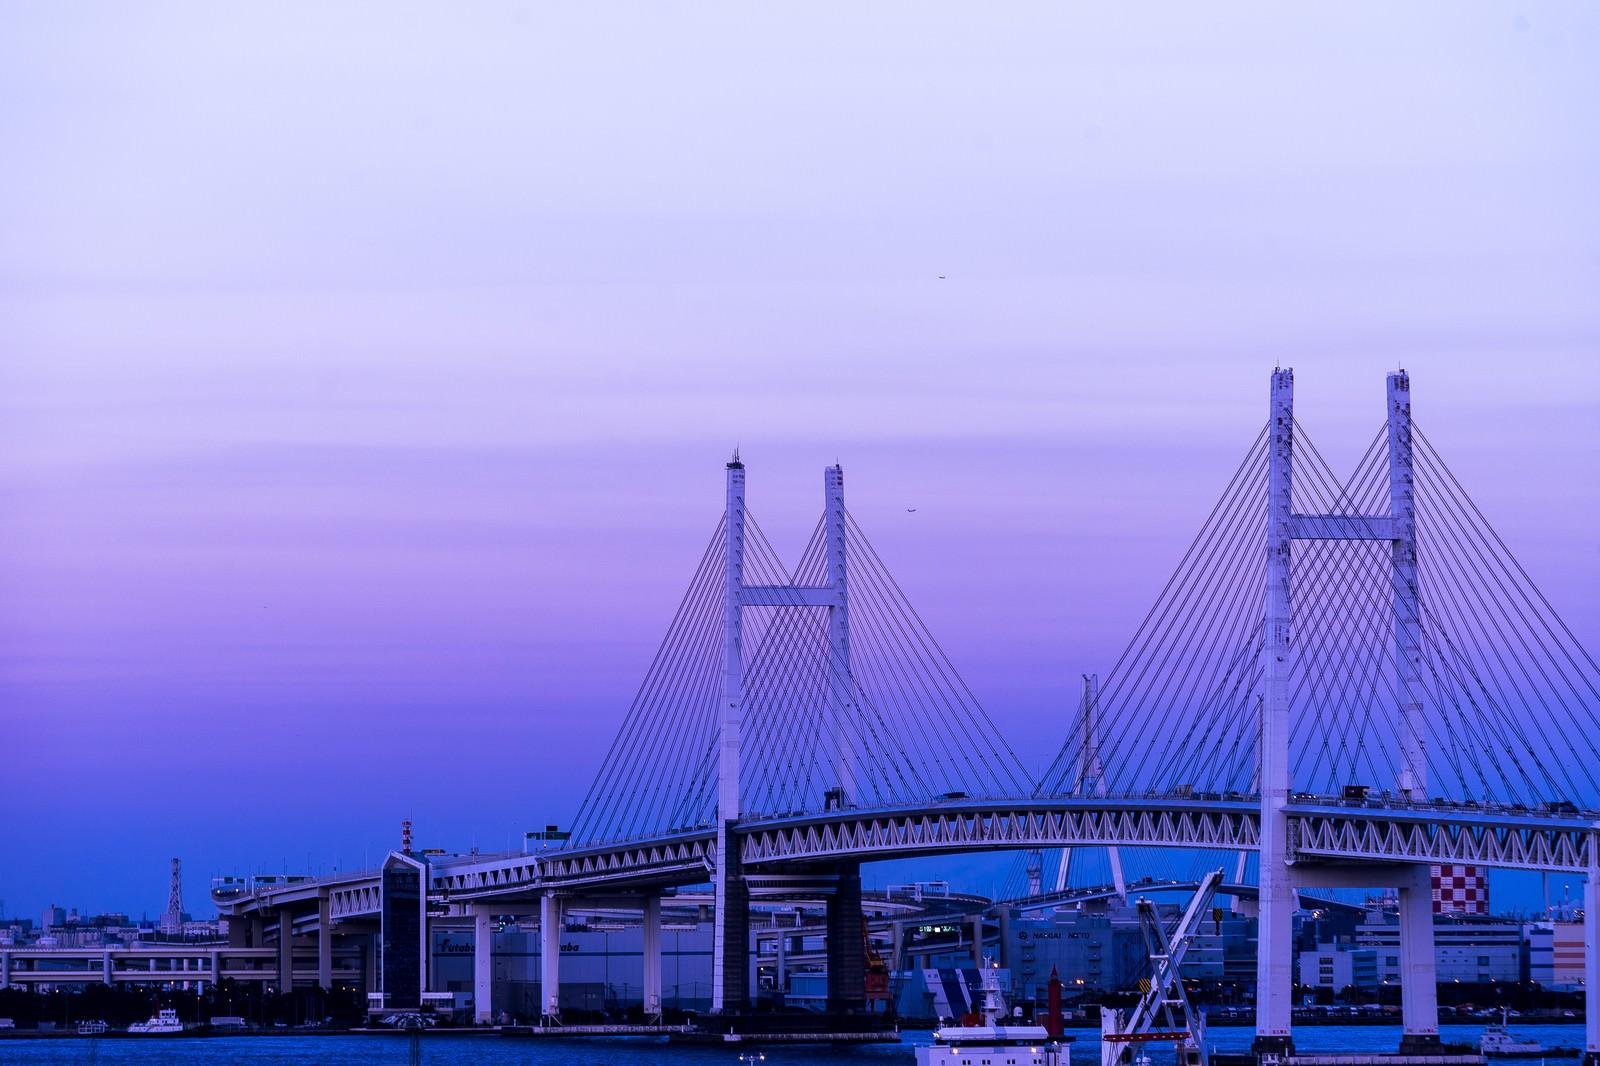 「夕暮れと横浜ベイブリッジ」の写真